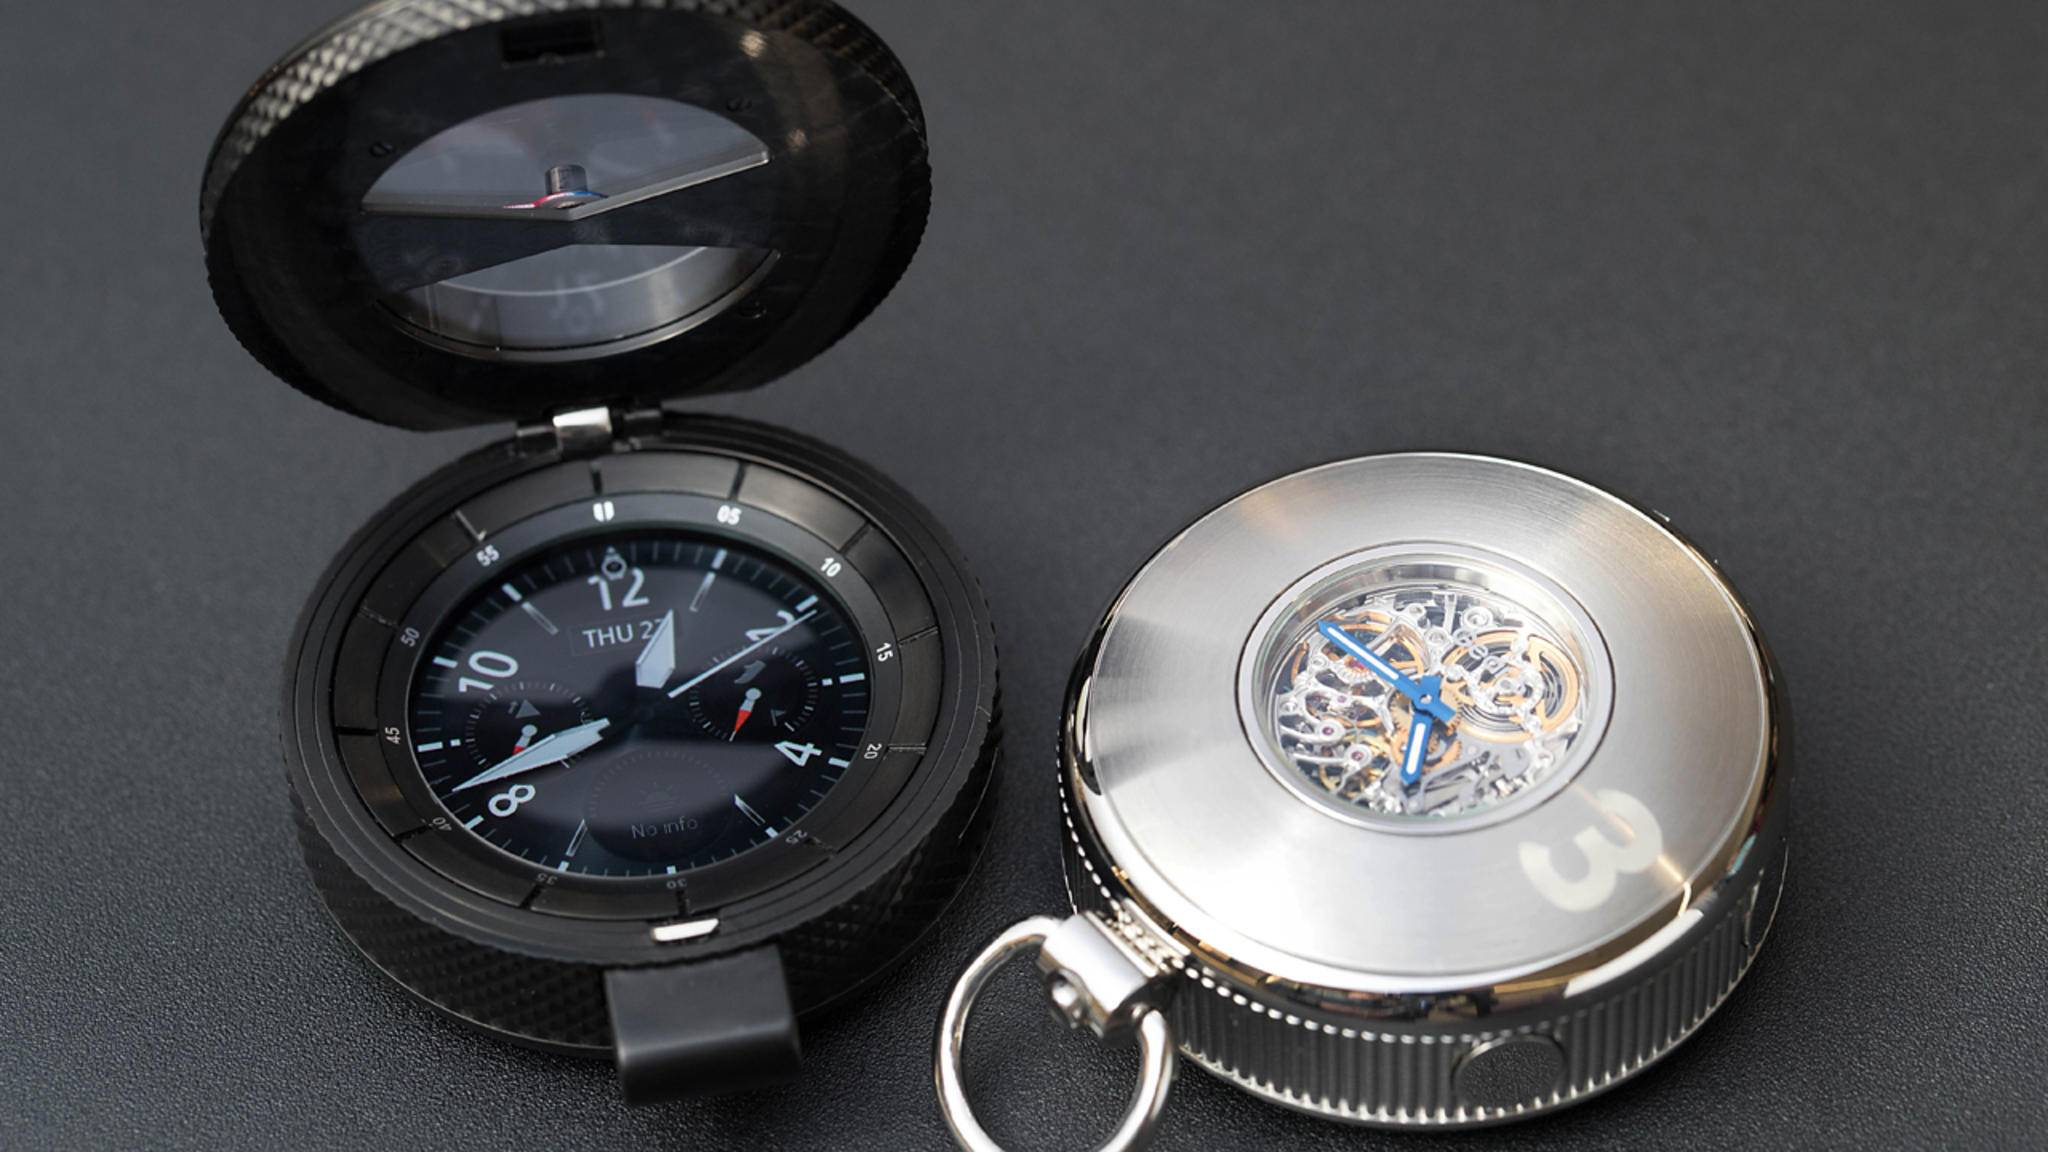 Neben einer neuen Gear S3-Variante zeigte Samsung auch abgefahrenere Uhrenkonzepte auf der Baselworld 2017.